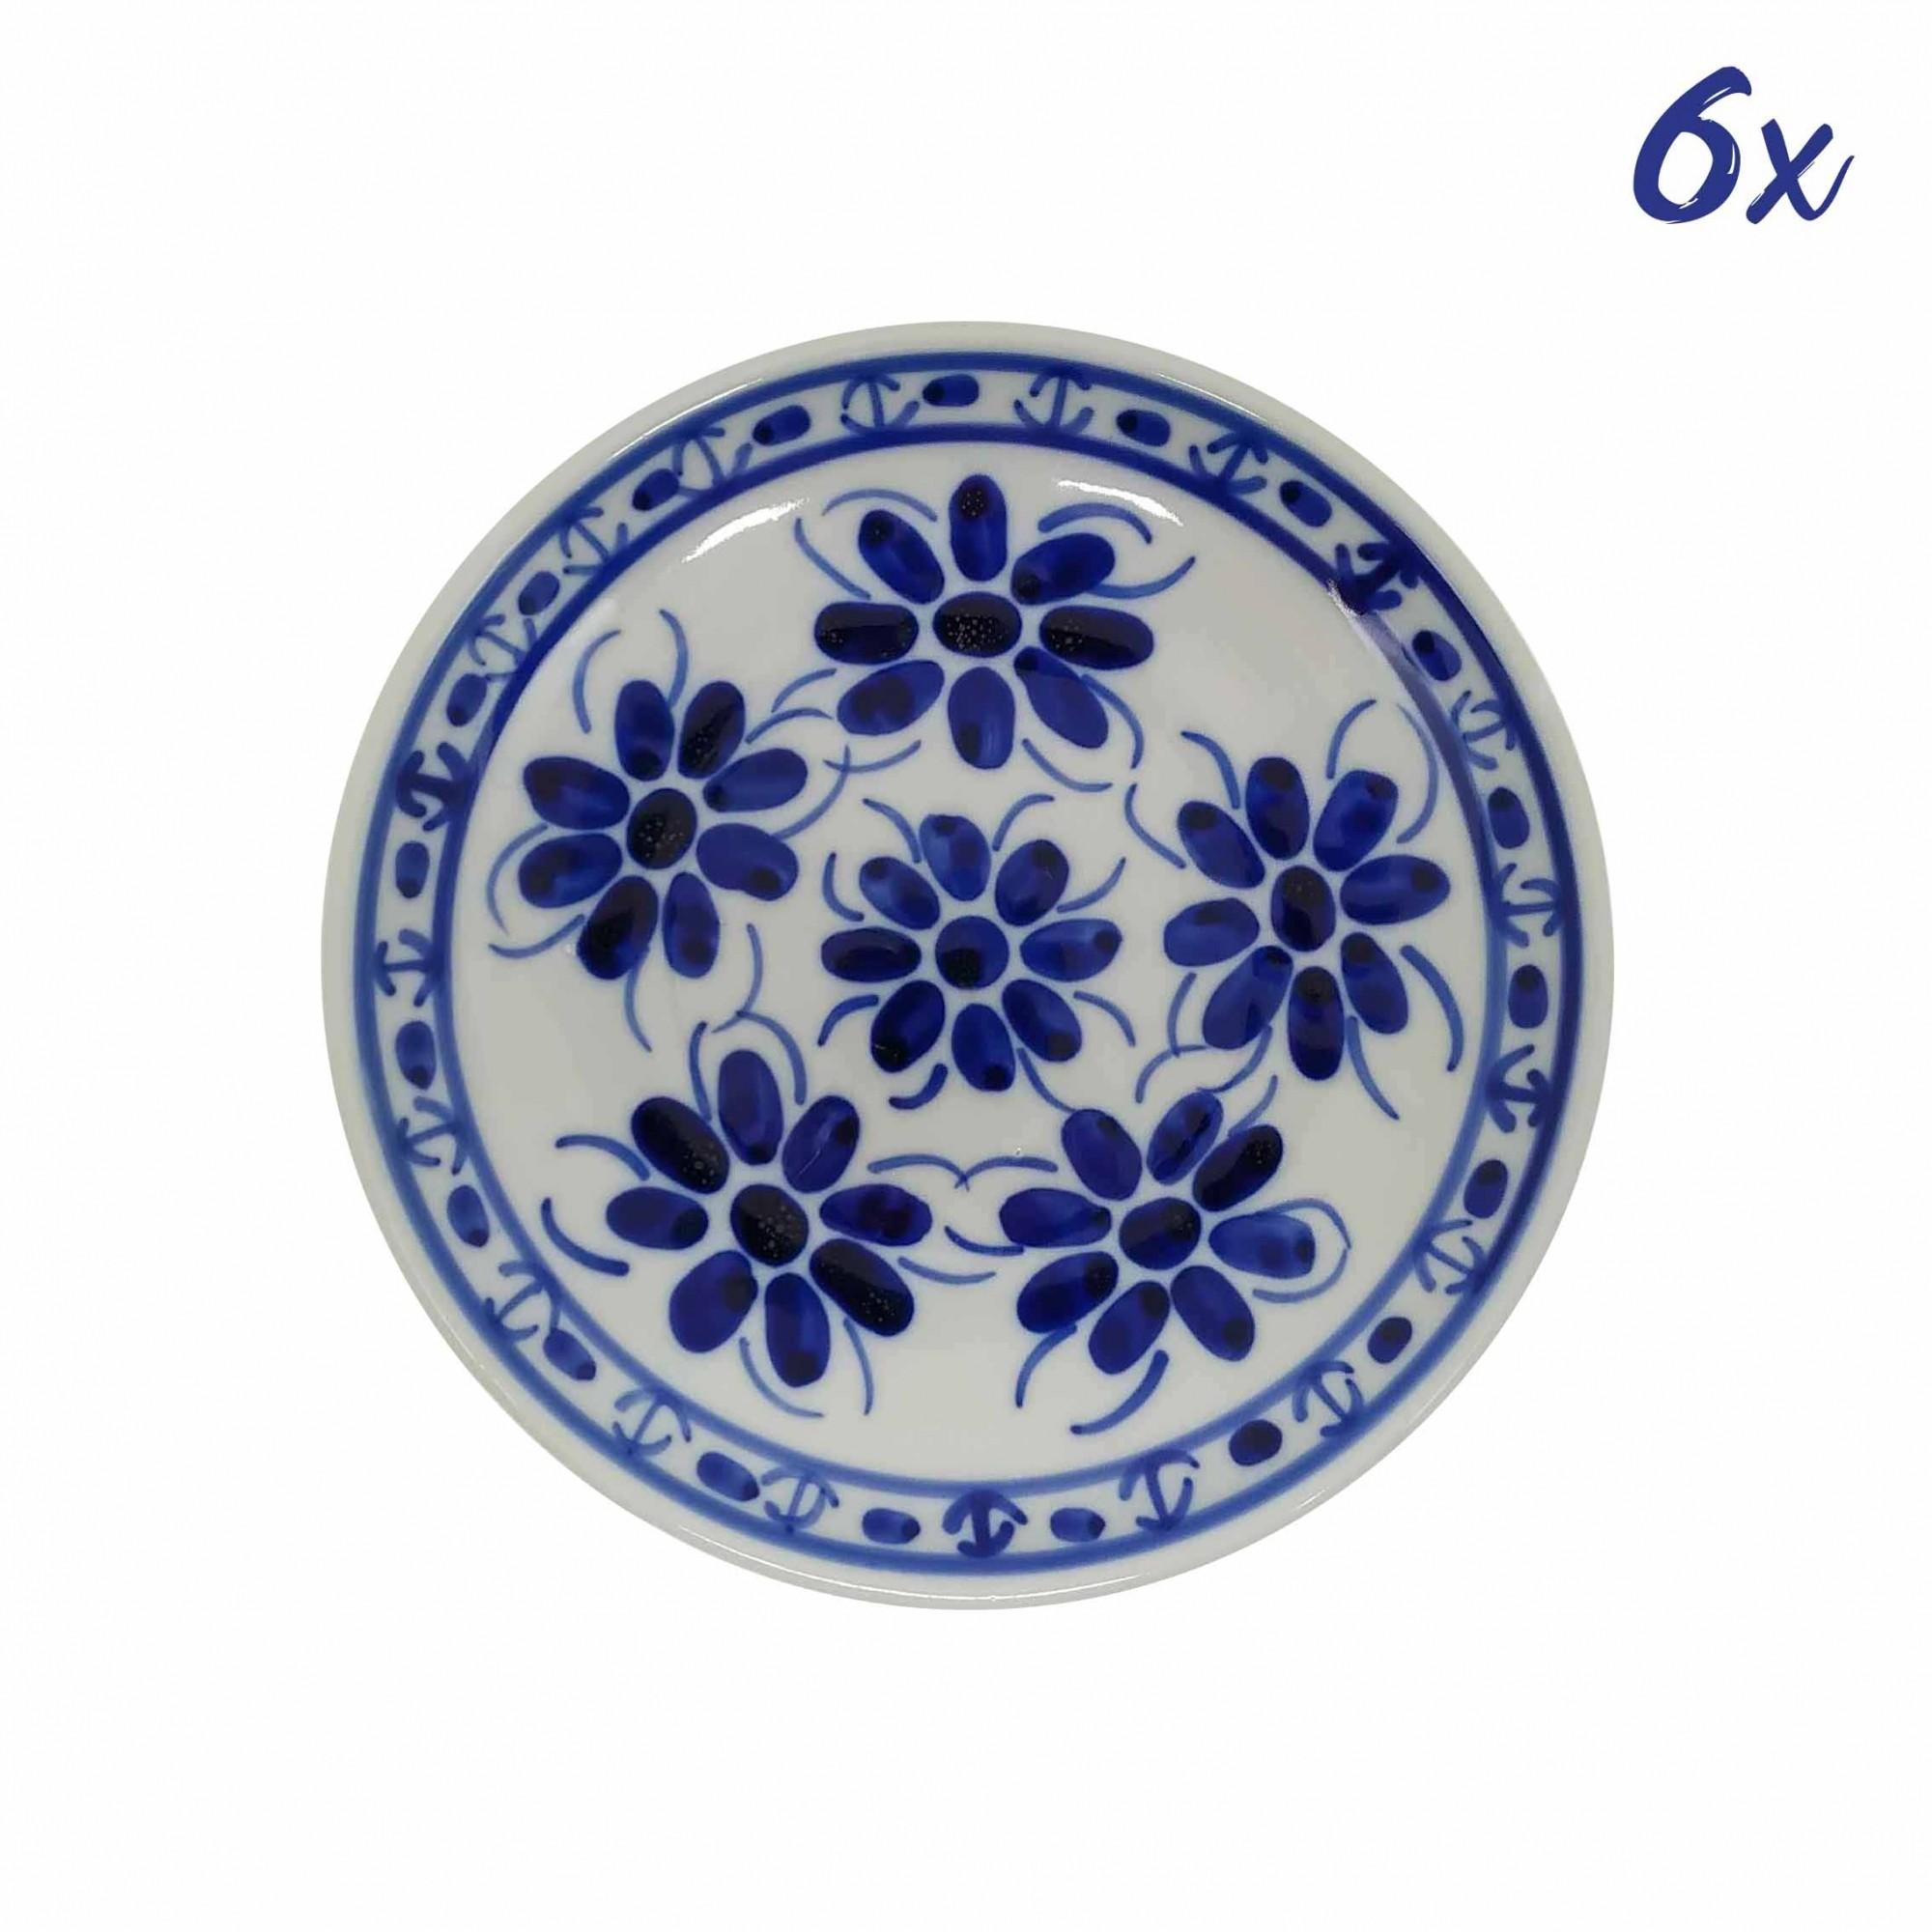 Jogo de 6 Pratos de Sobremesa 18,5 cm em Porcelana Azul Colonial